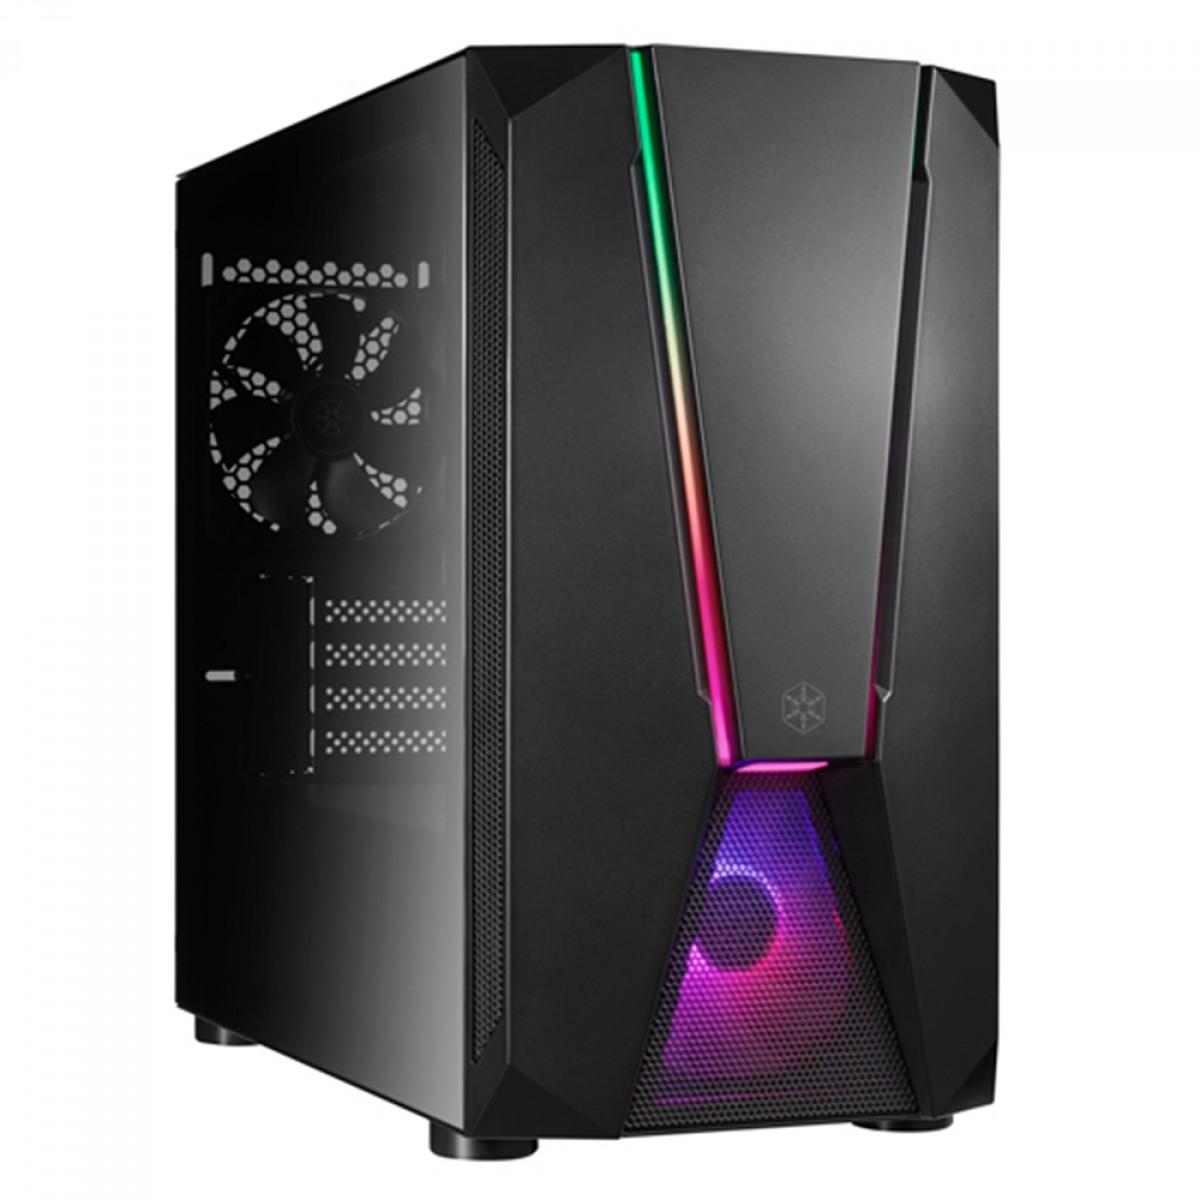 Gabinete Gamer SilverStone Fara V1M PRO, Mini Tower, RGB, Vidro Temperado, Black, Micro-ATX, Sem Fonte, Com 2 Fans RGB, SST-FAV1MB-PRO